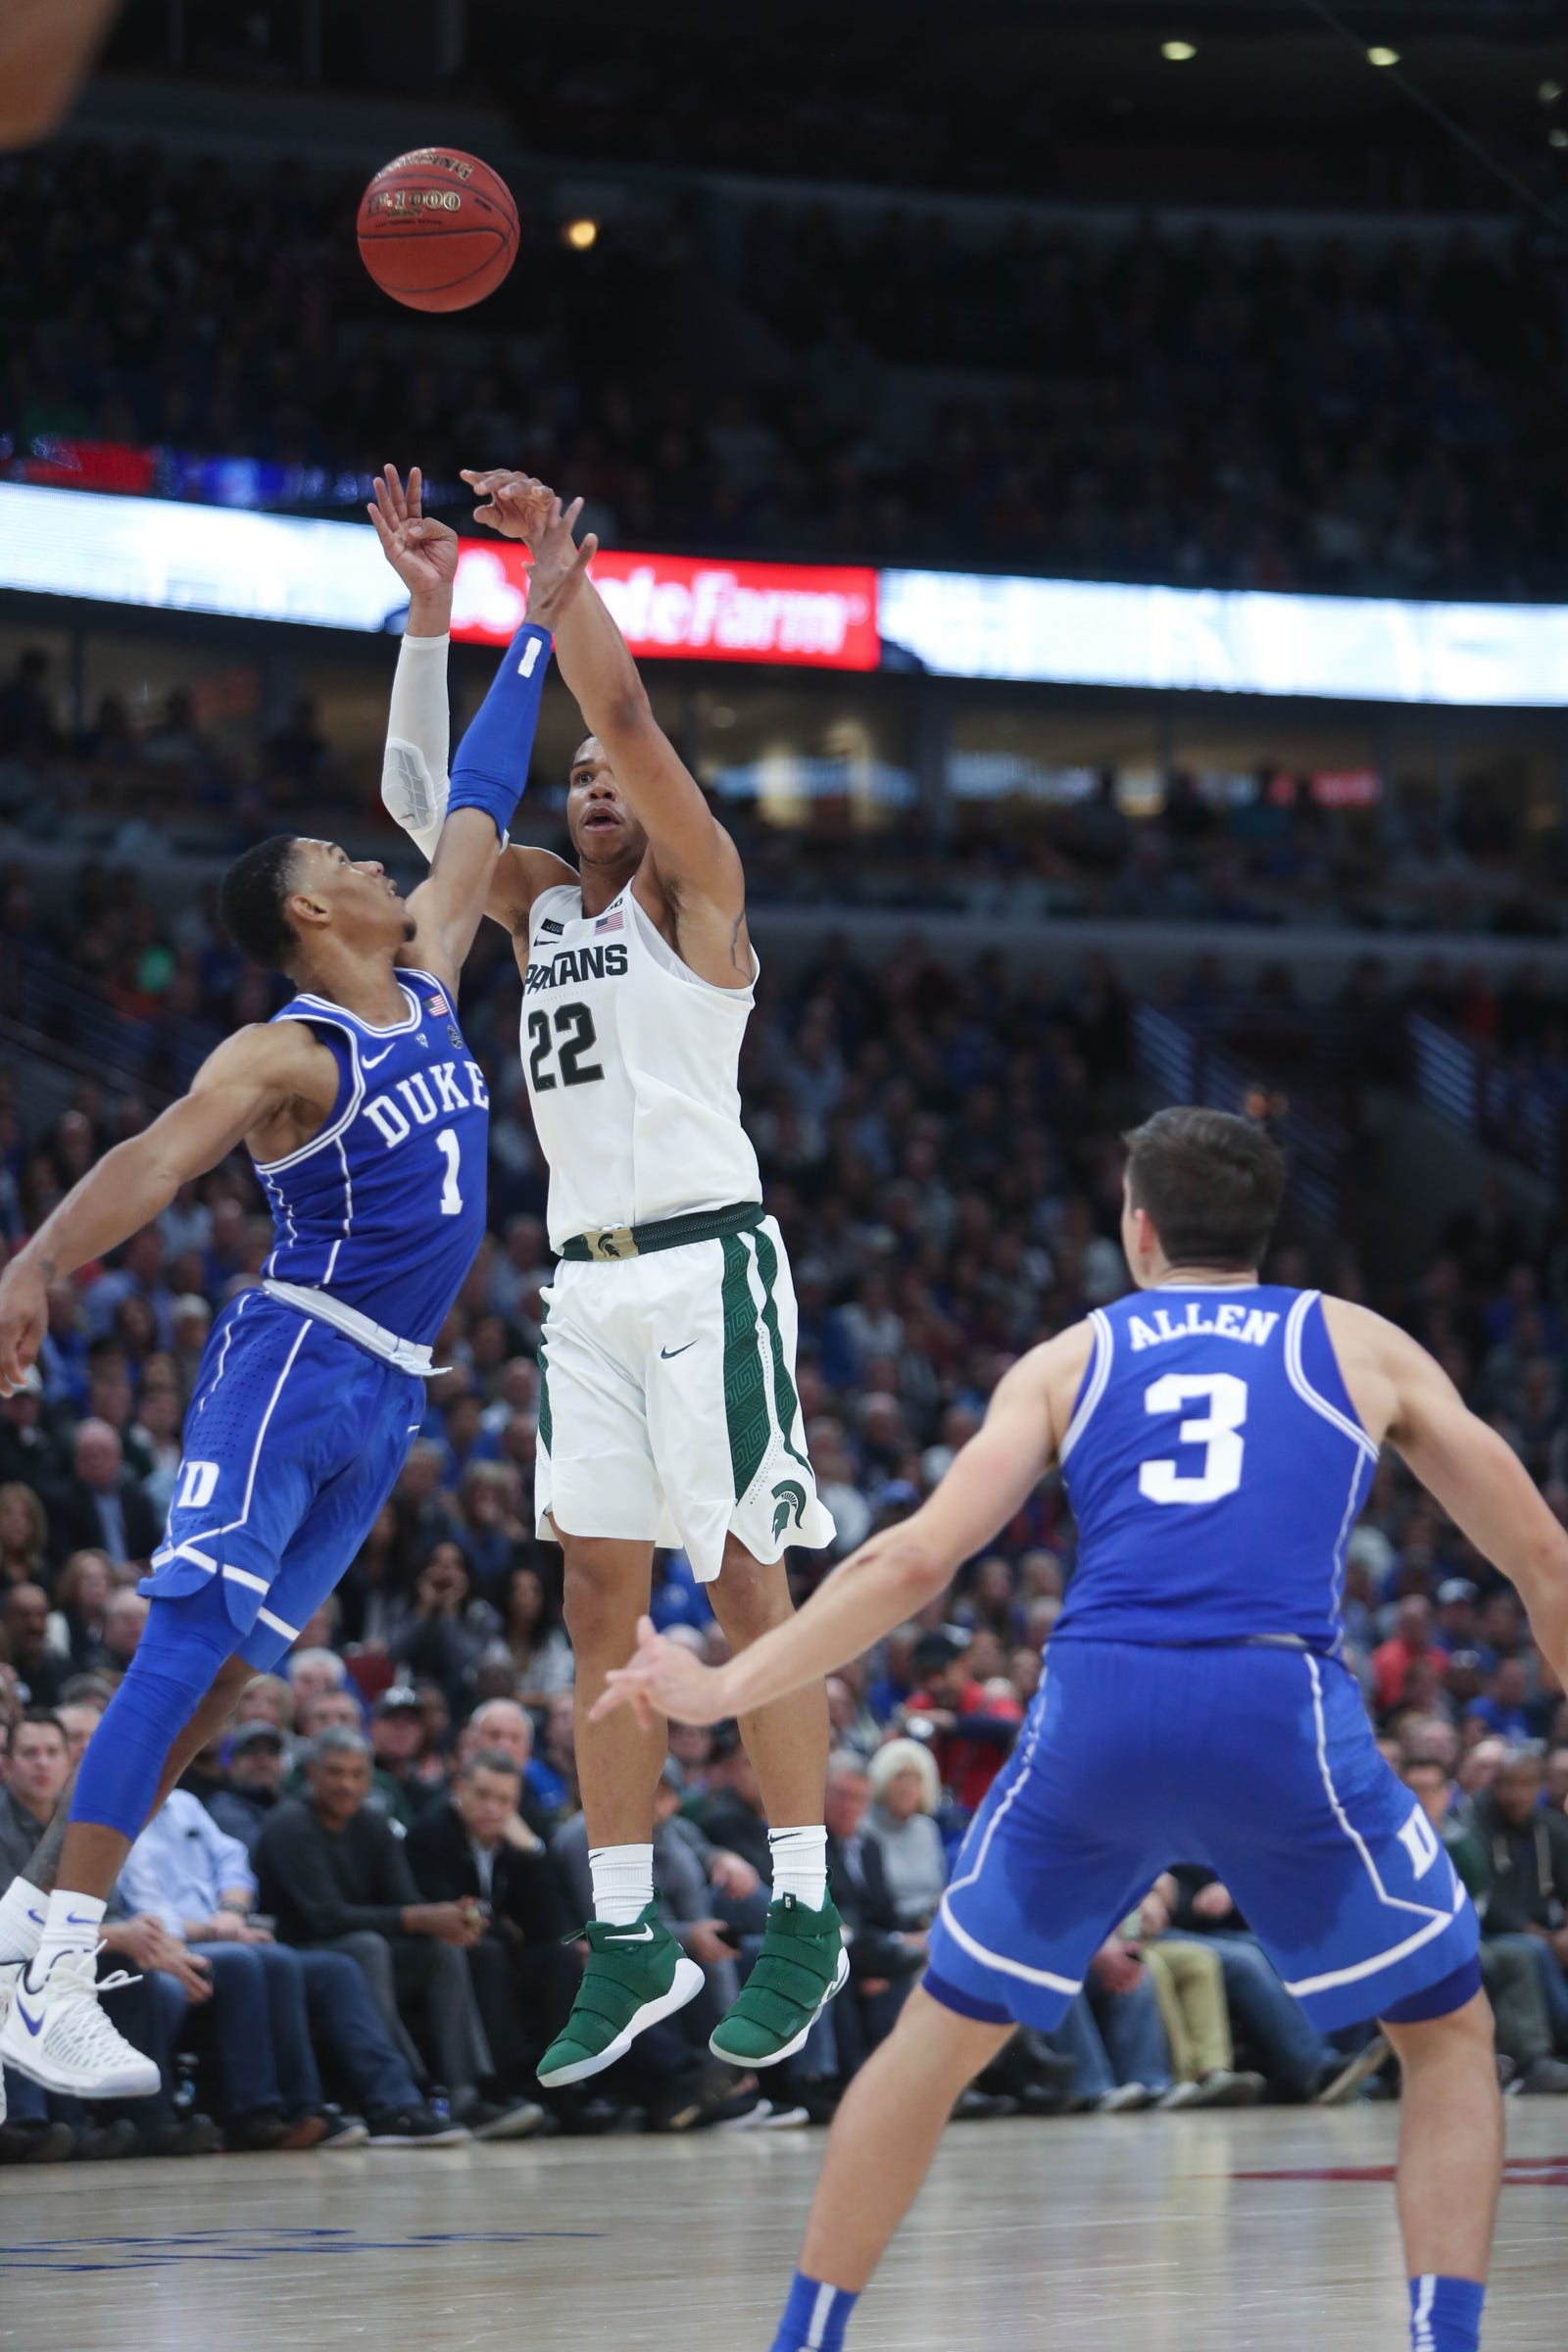 Michigan State's Miles Bridges scores against Duke's